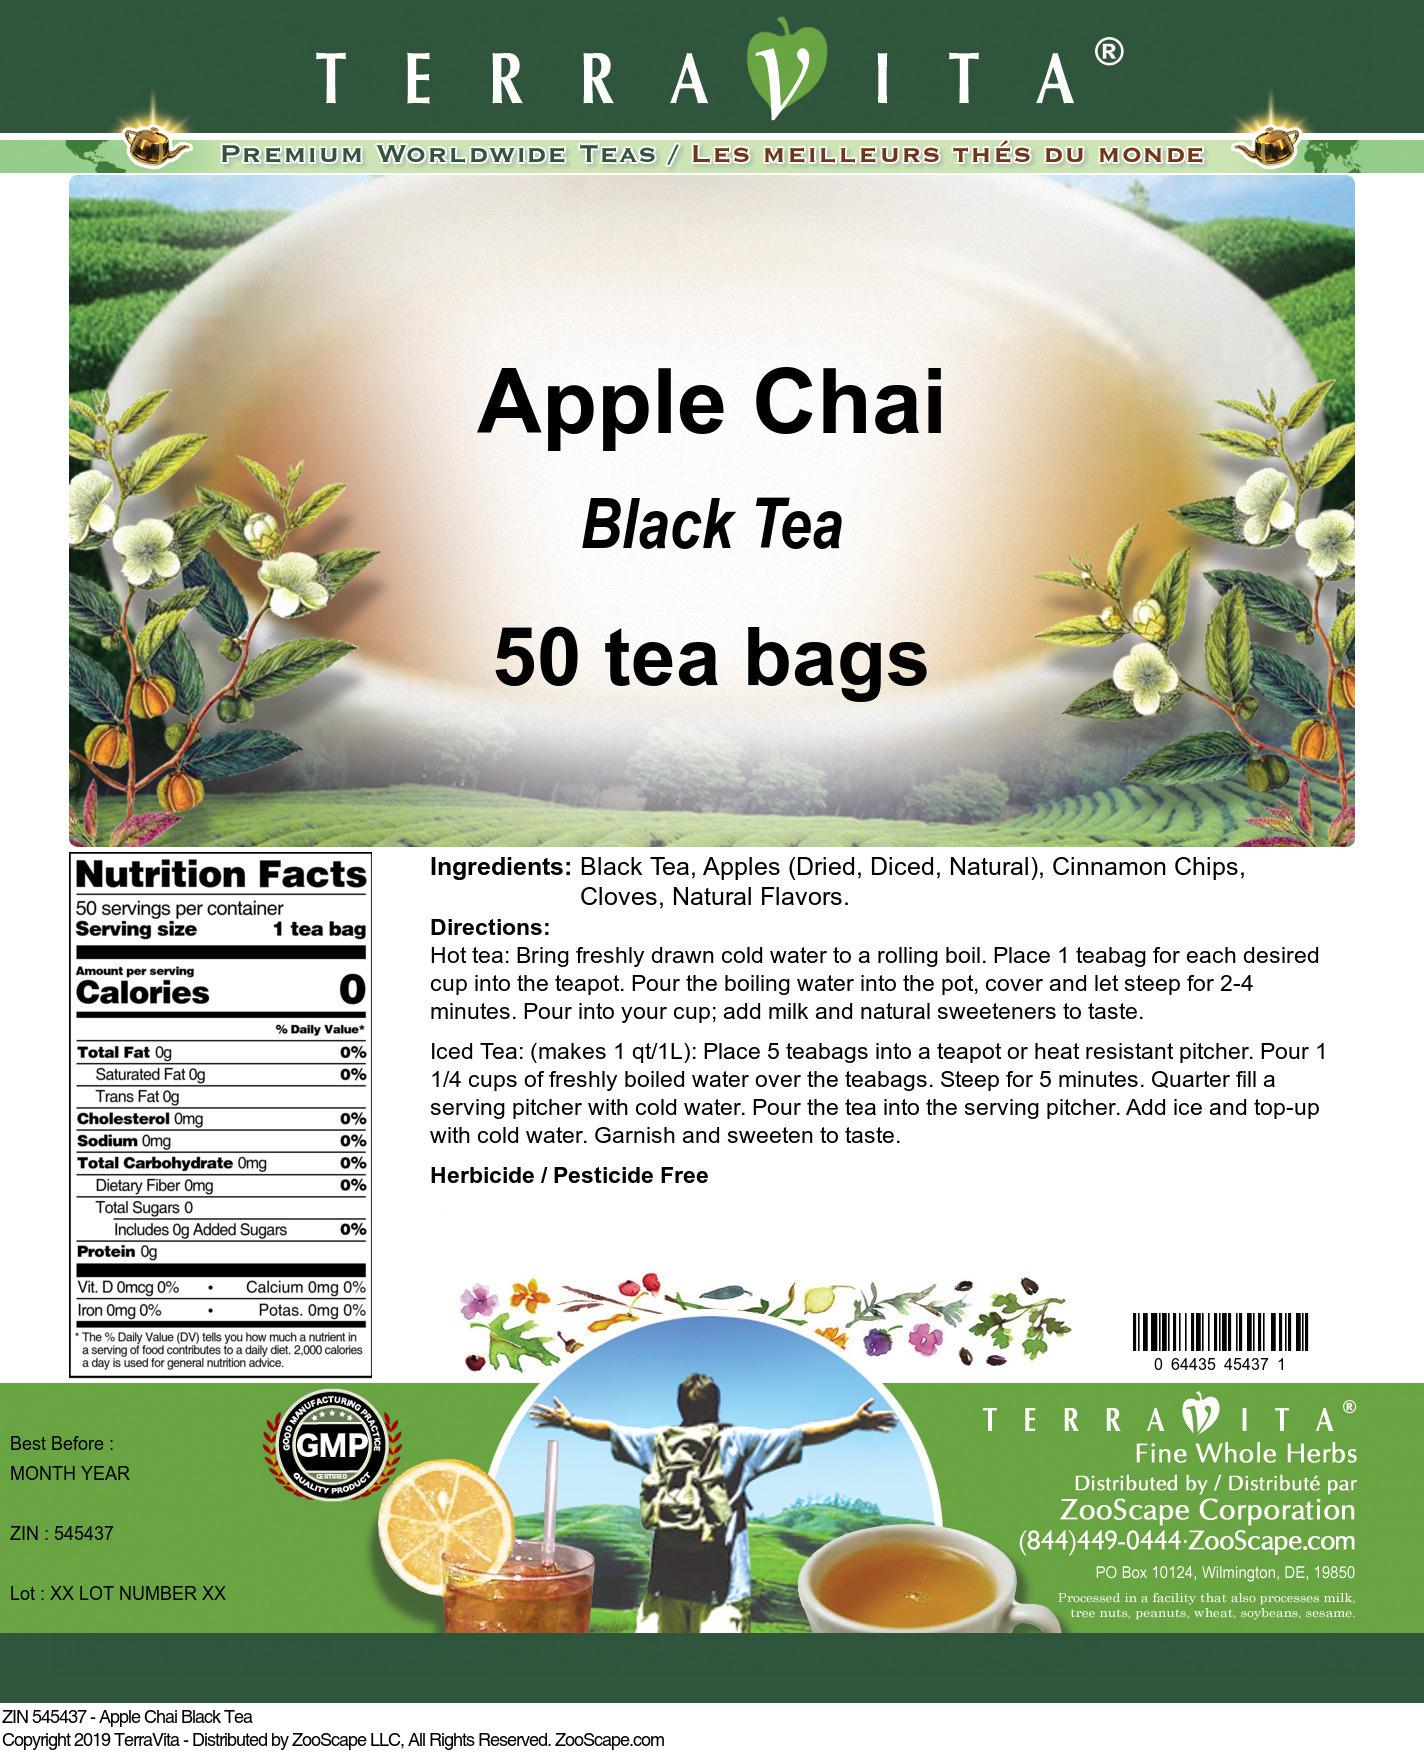 Apple Chai Black Tea